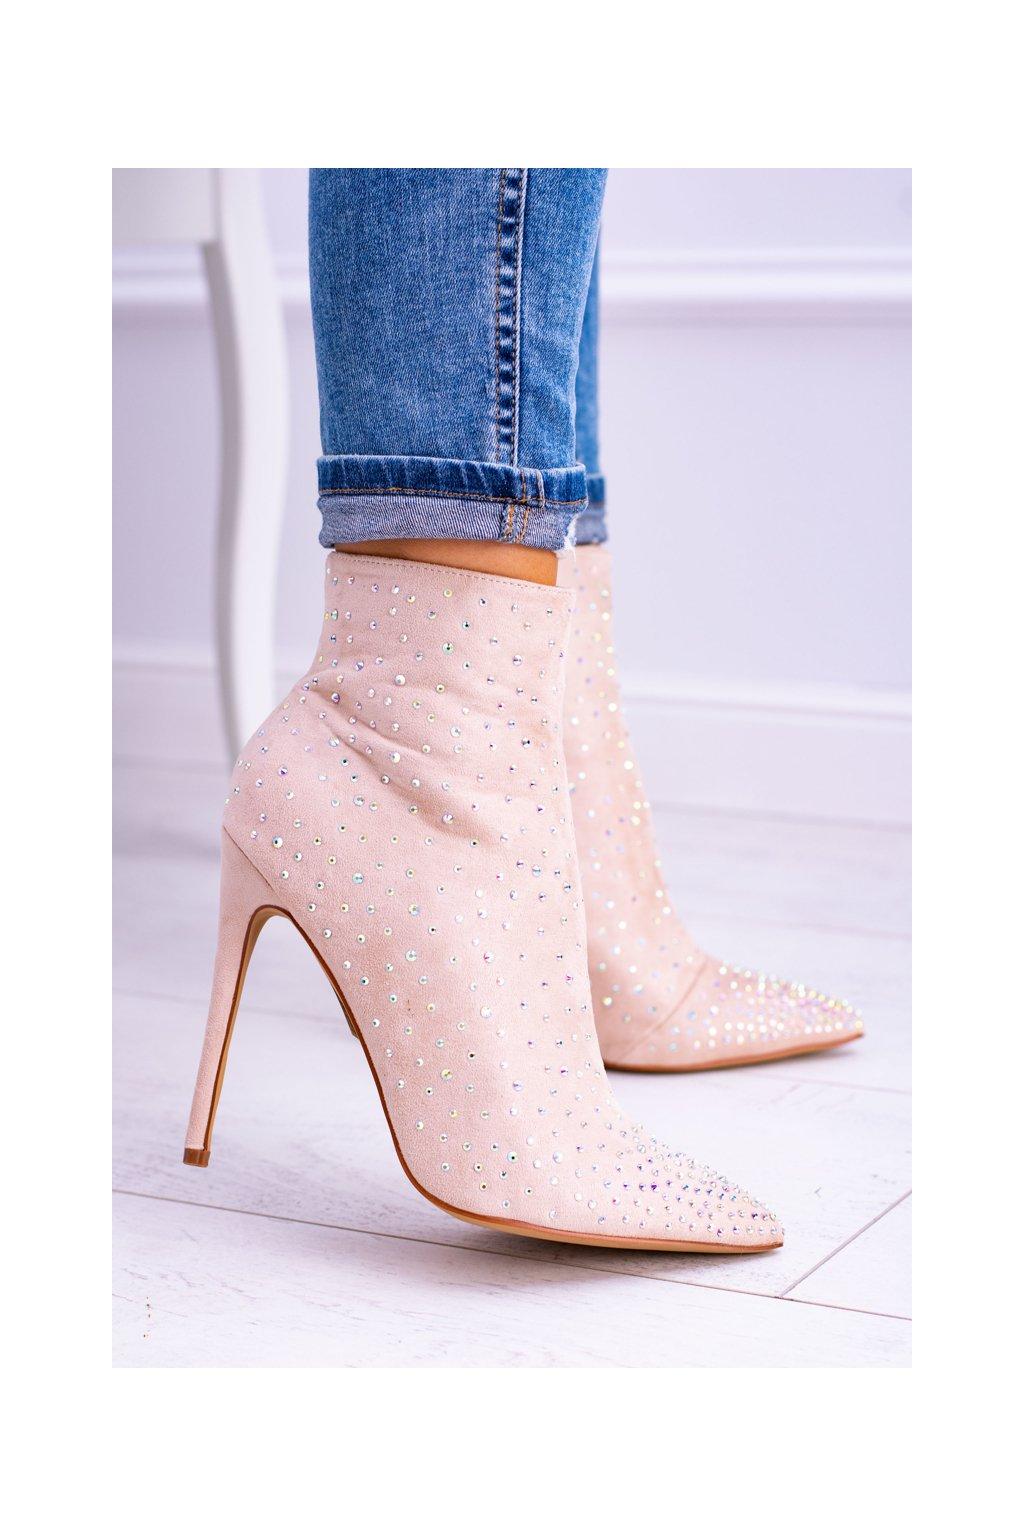 Béžové semišové vysoké topánky na opätku so zirkónmi Lu Boo Cubano